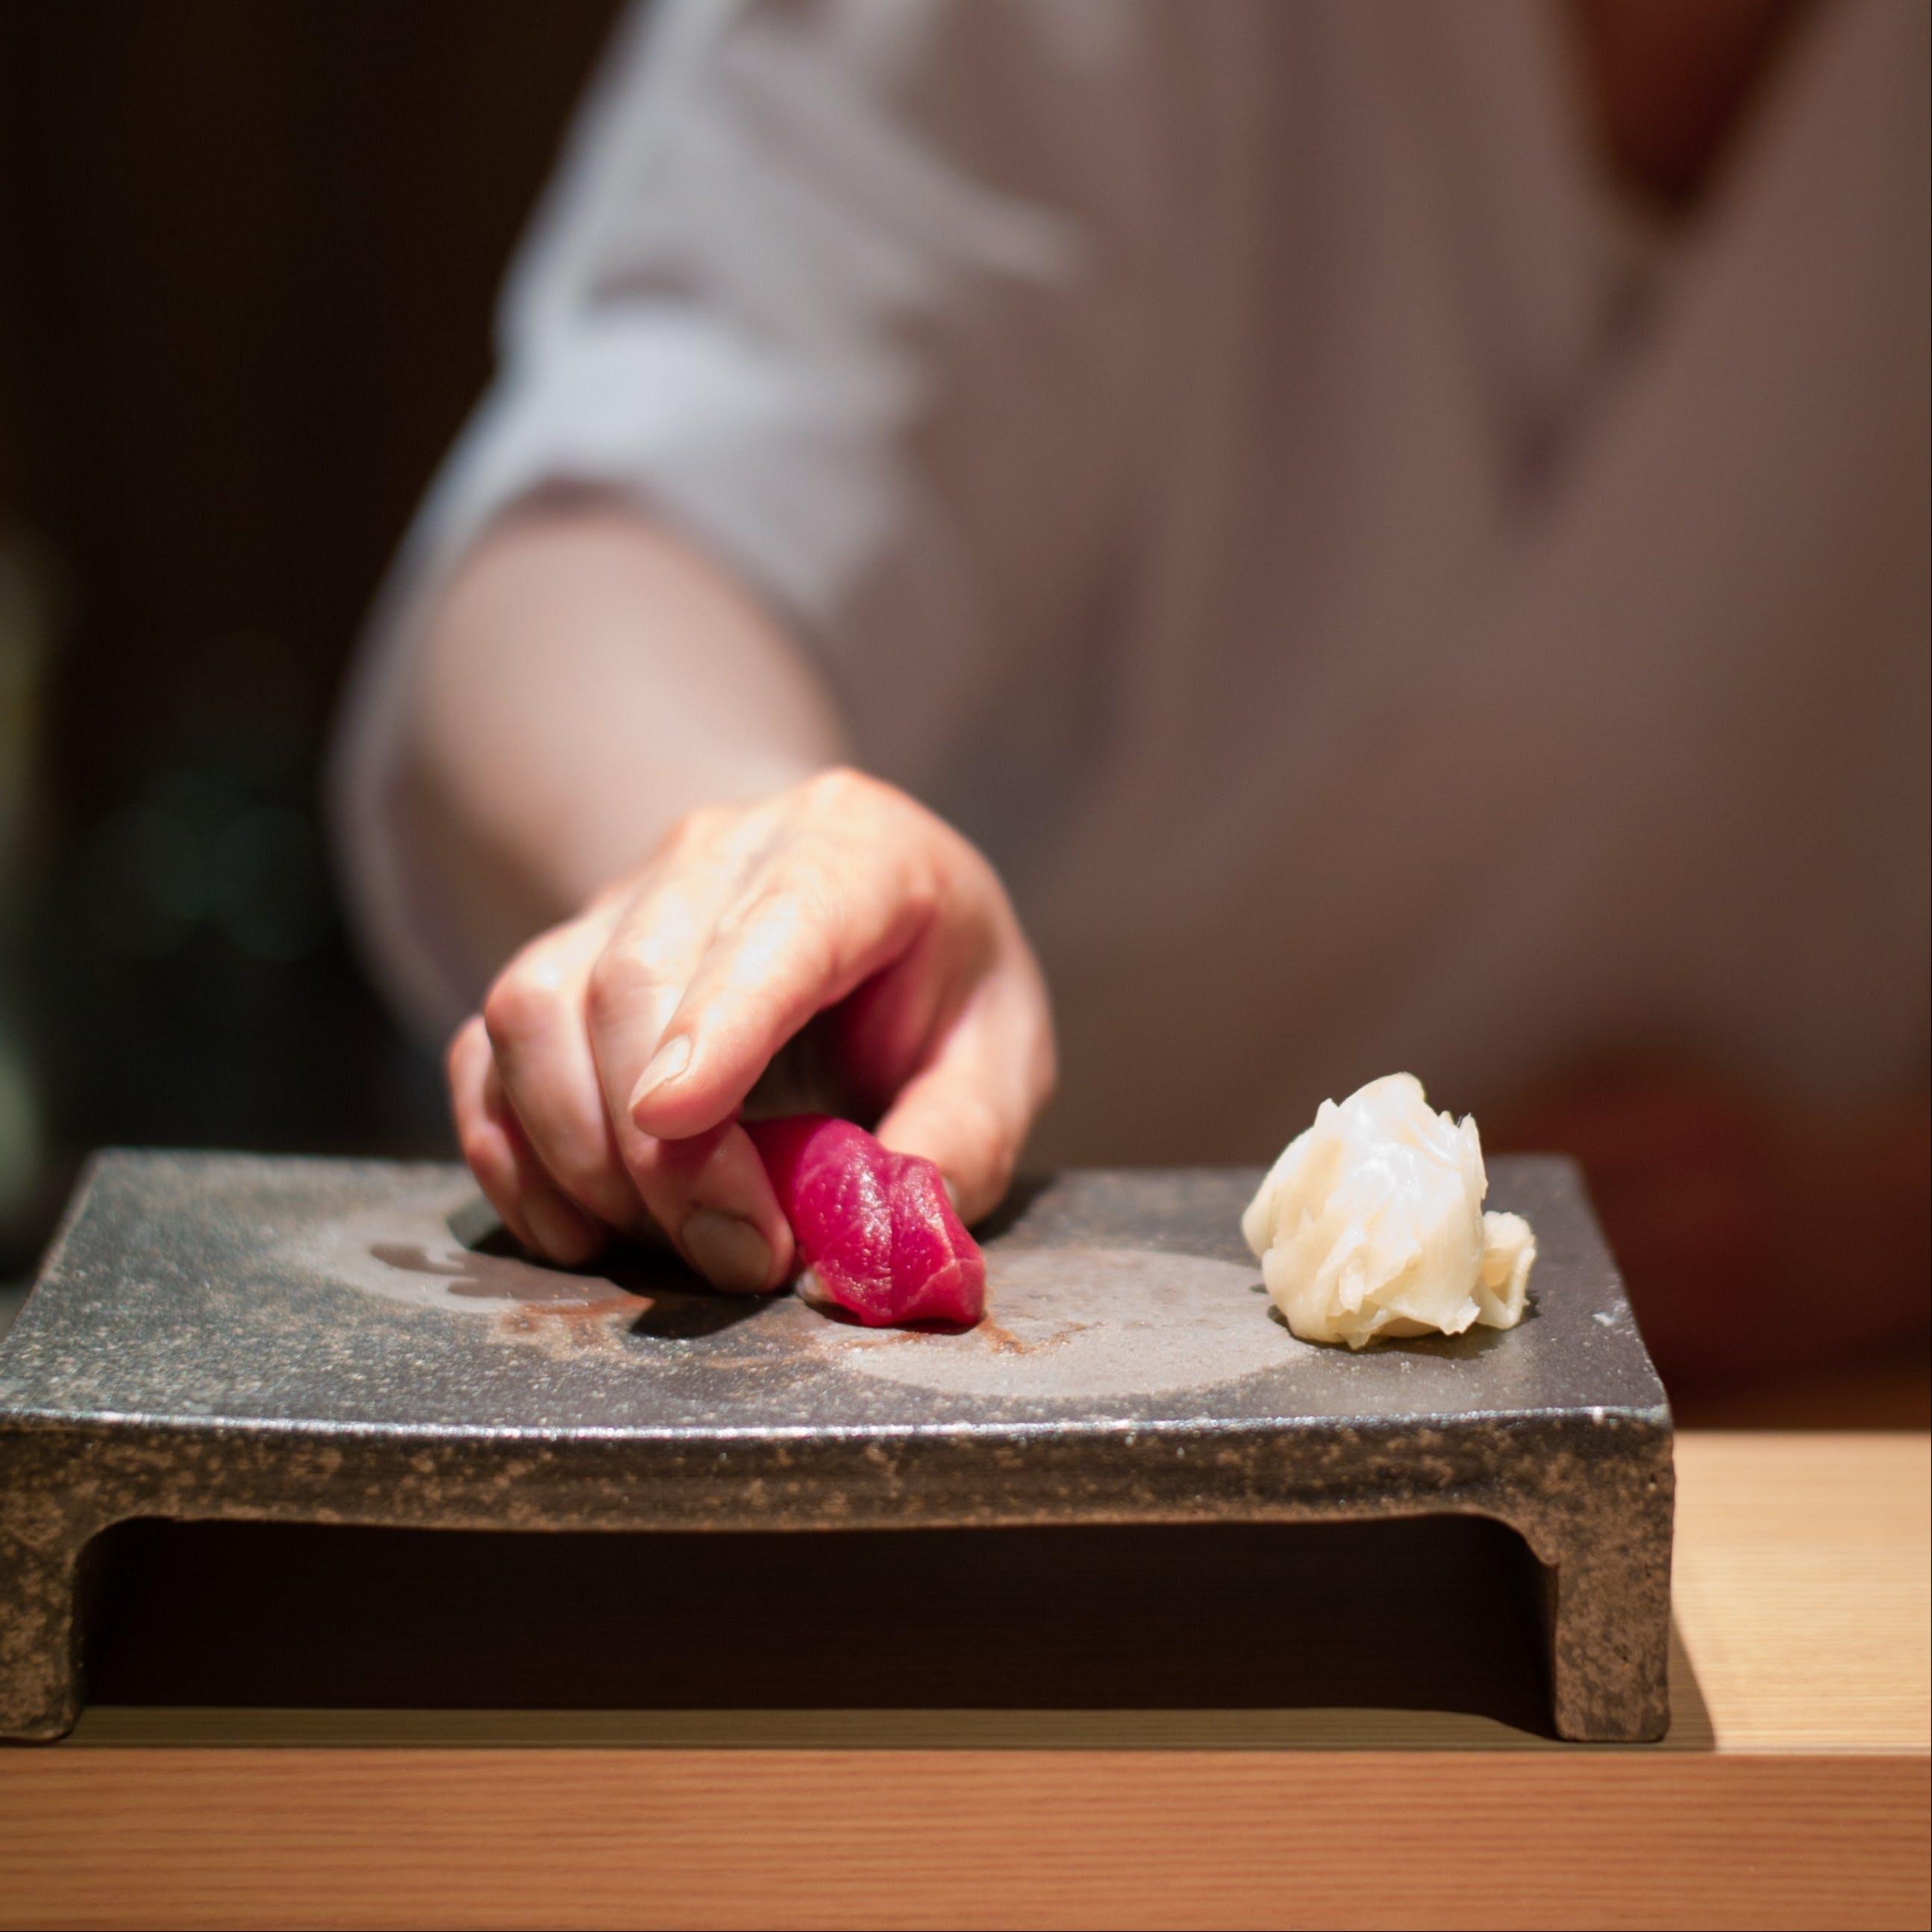 名店で鍛錬された江戸前寿司職人の技巧と極上魚をリーズナブルに提供!